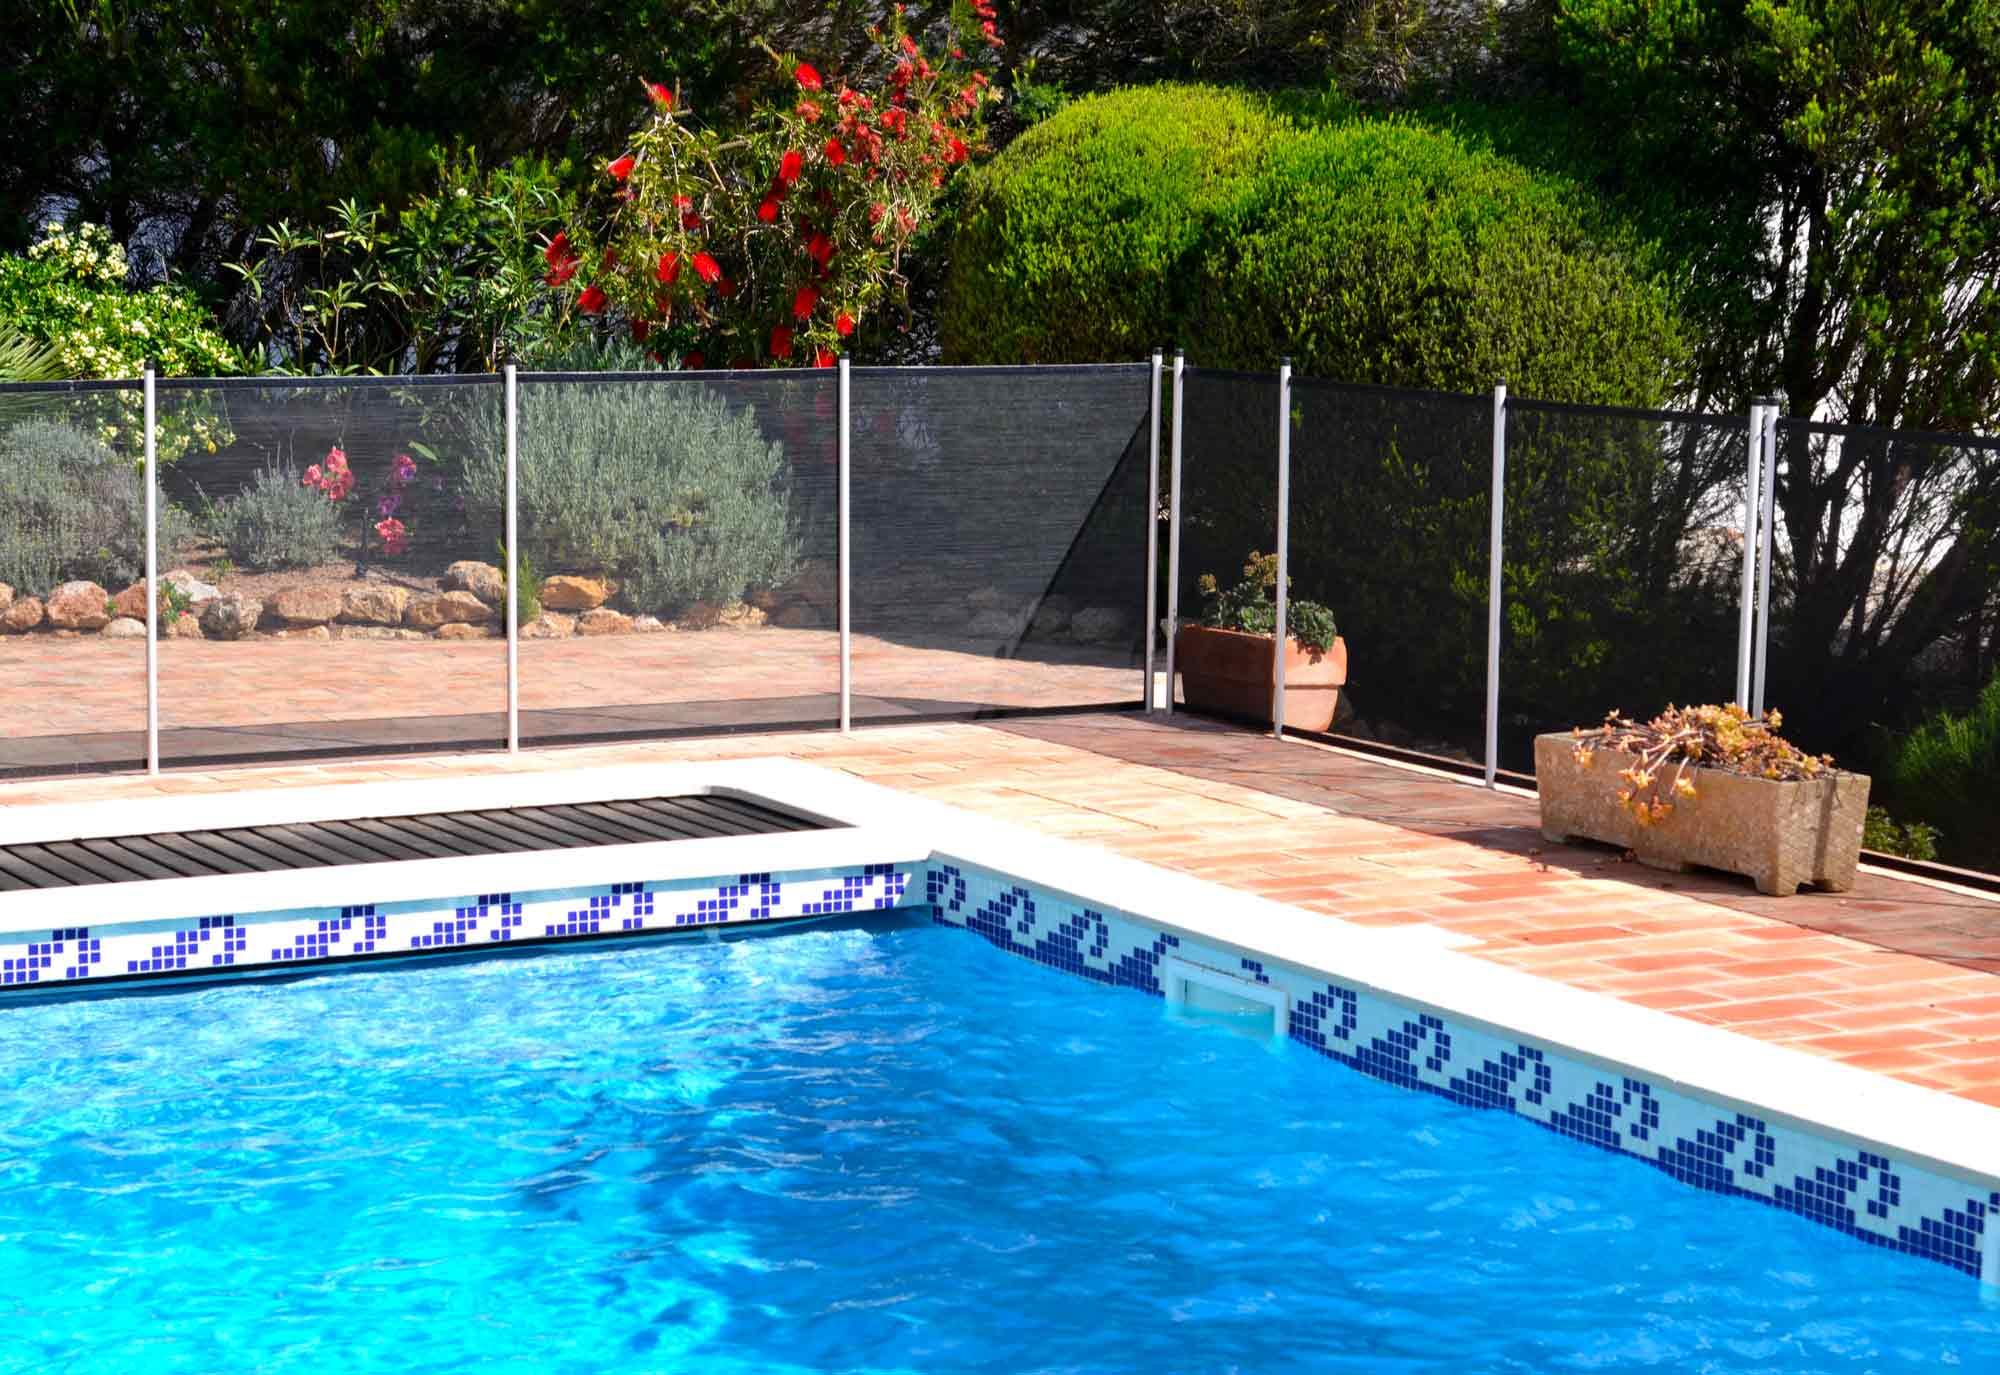 Comment sécuriser sa piscine?